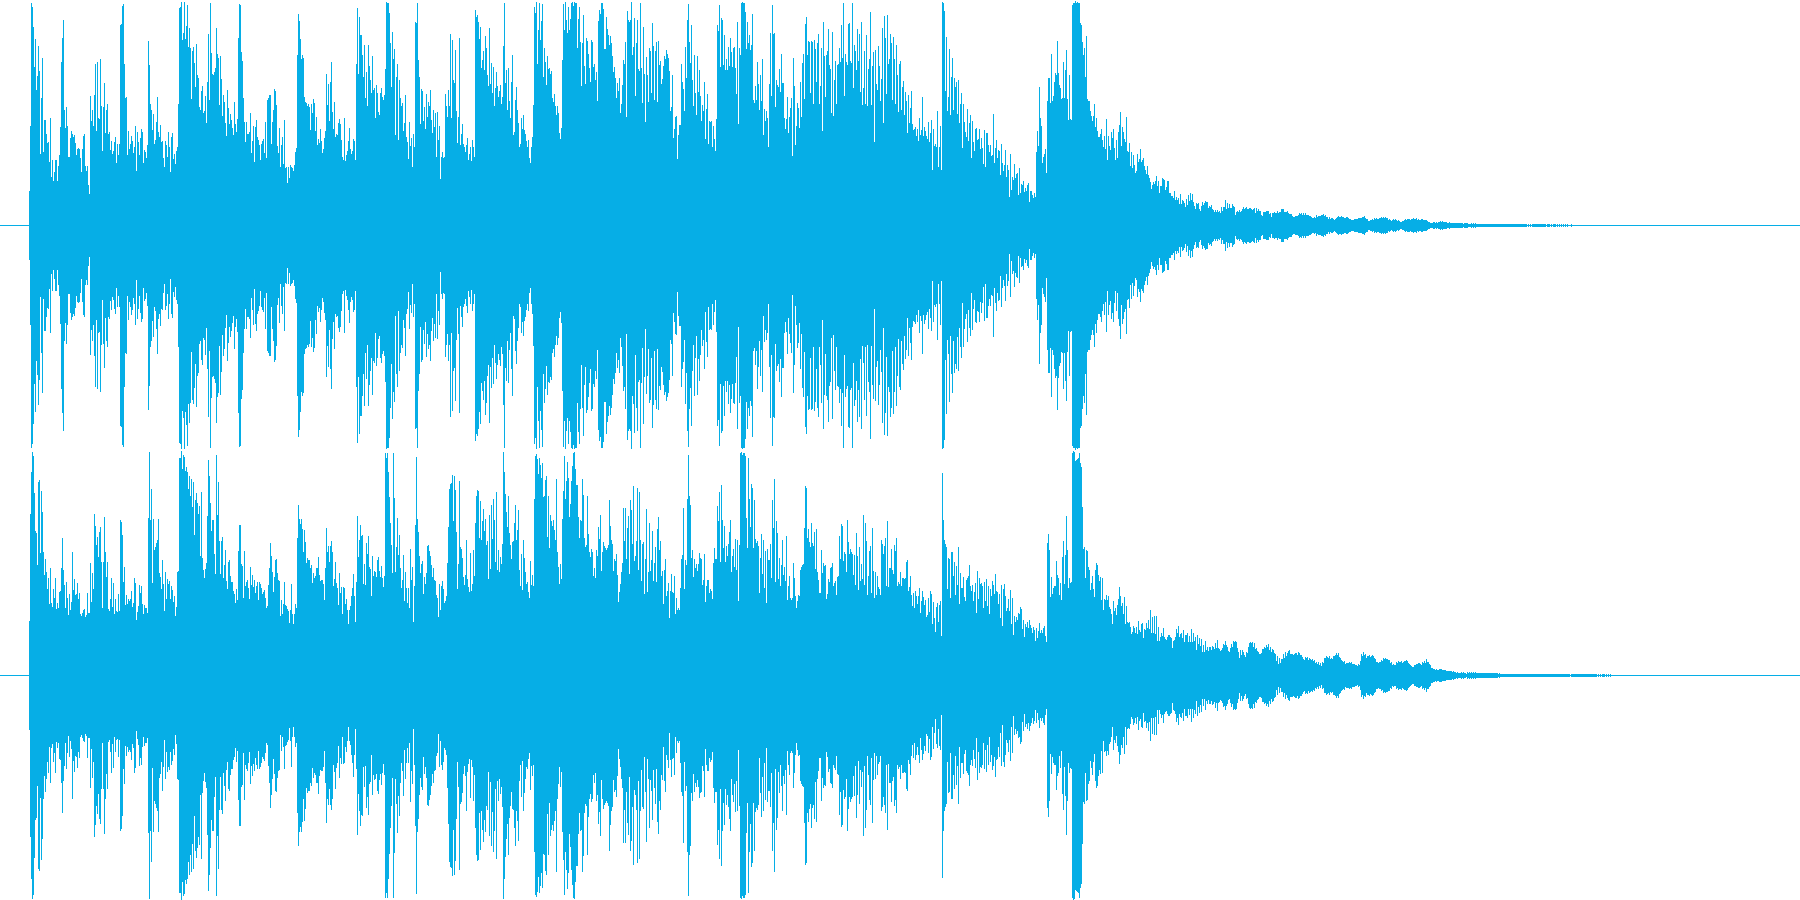 琴・尺八・和太鼓の上品な純和風ロゴの再生済みの波形